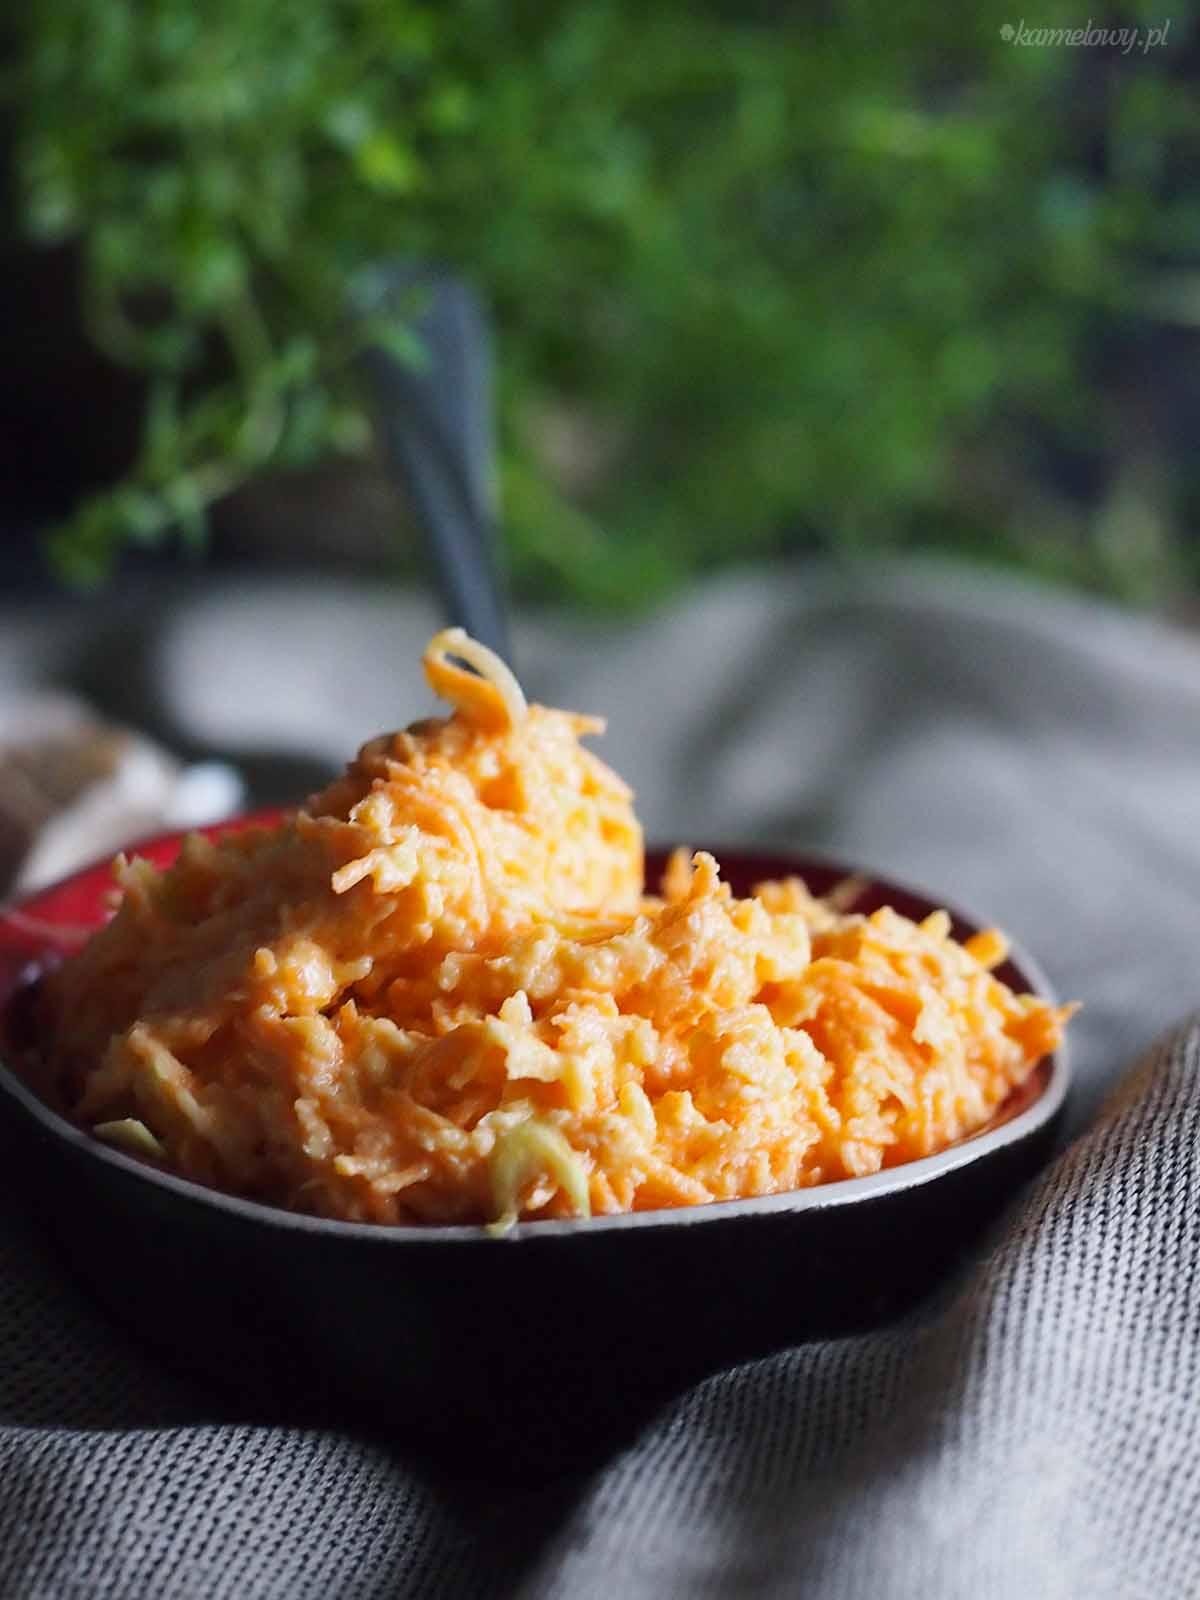 Surowka-z-marchewki-i-pora-Carrot-and-leek-slaw